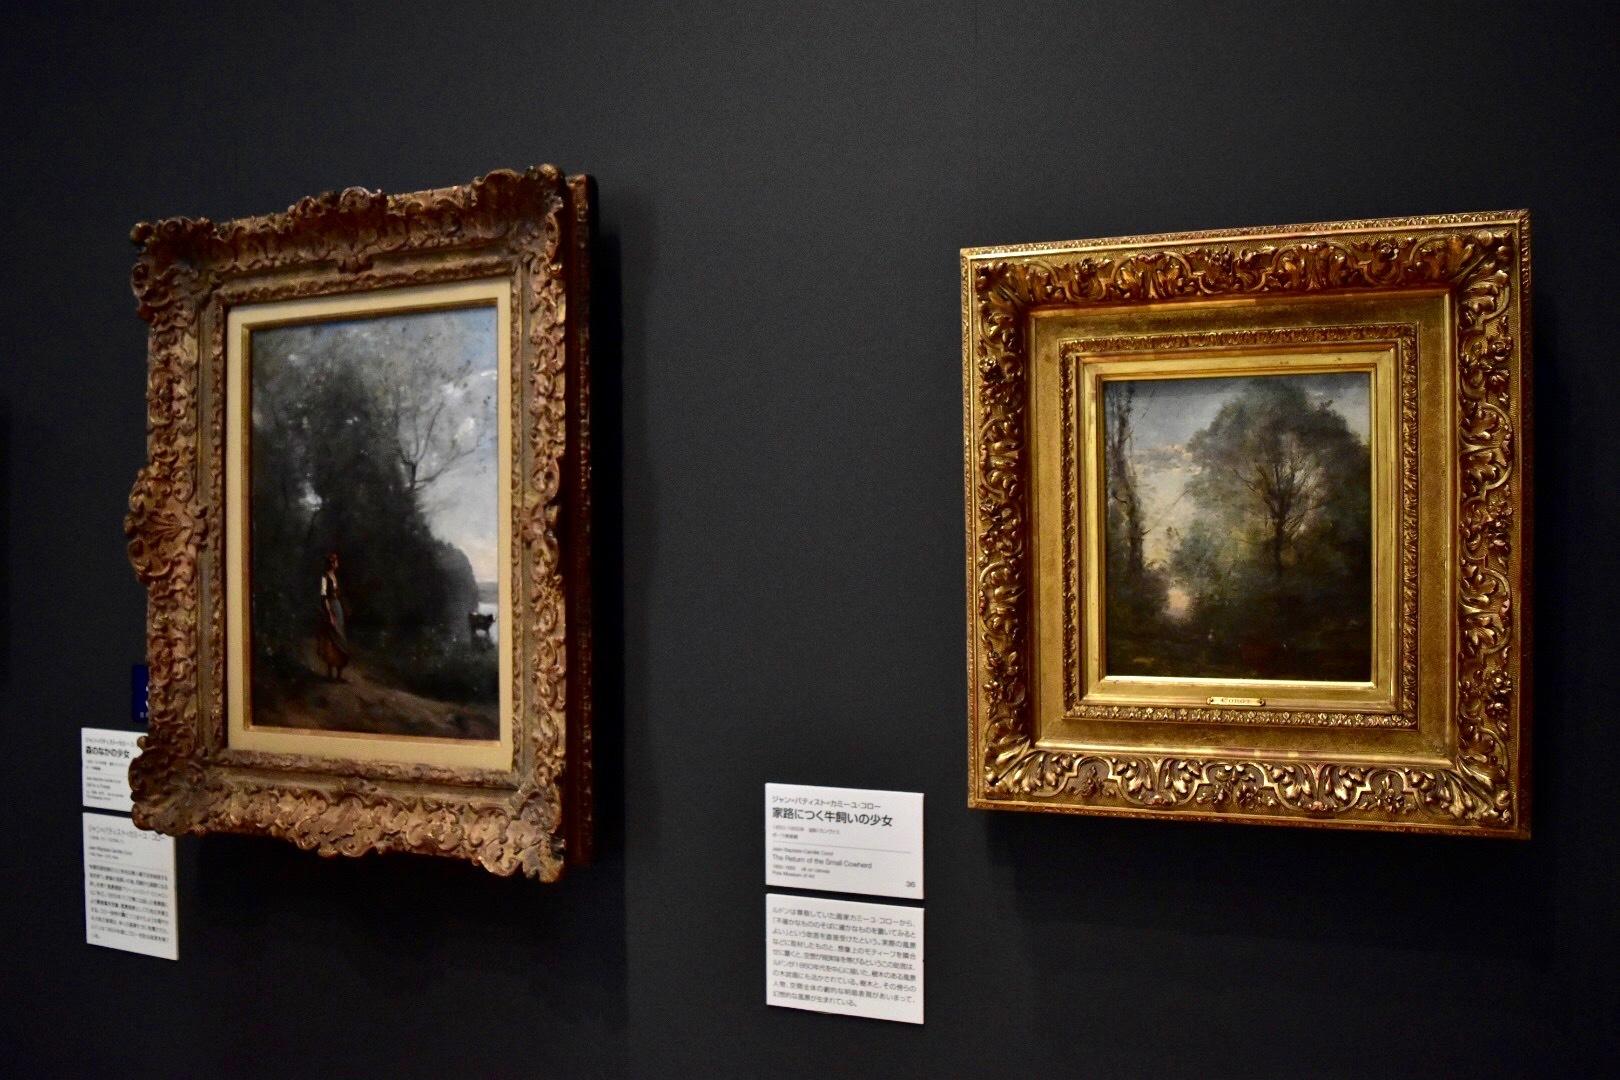 左:ジャン=バティスト=カミーユ=コロー 《森のなかの少女》1865-1870年頃 ポーラ美術館 右:ジャン=バティスト=カミーユ=コロー 《家路につく牛飼いの少女》1850-1855年 ポーラ美術館